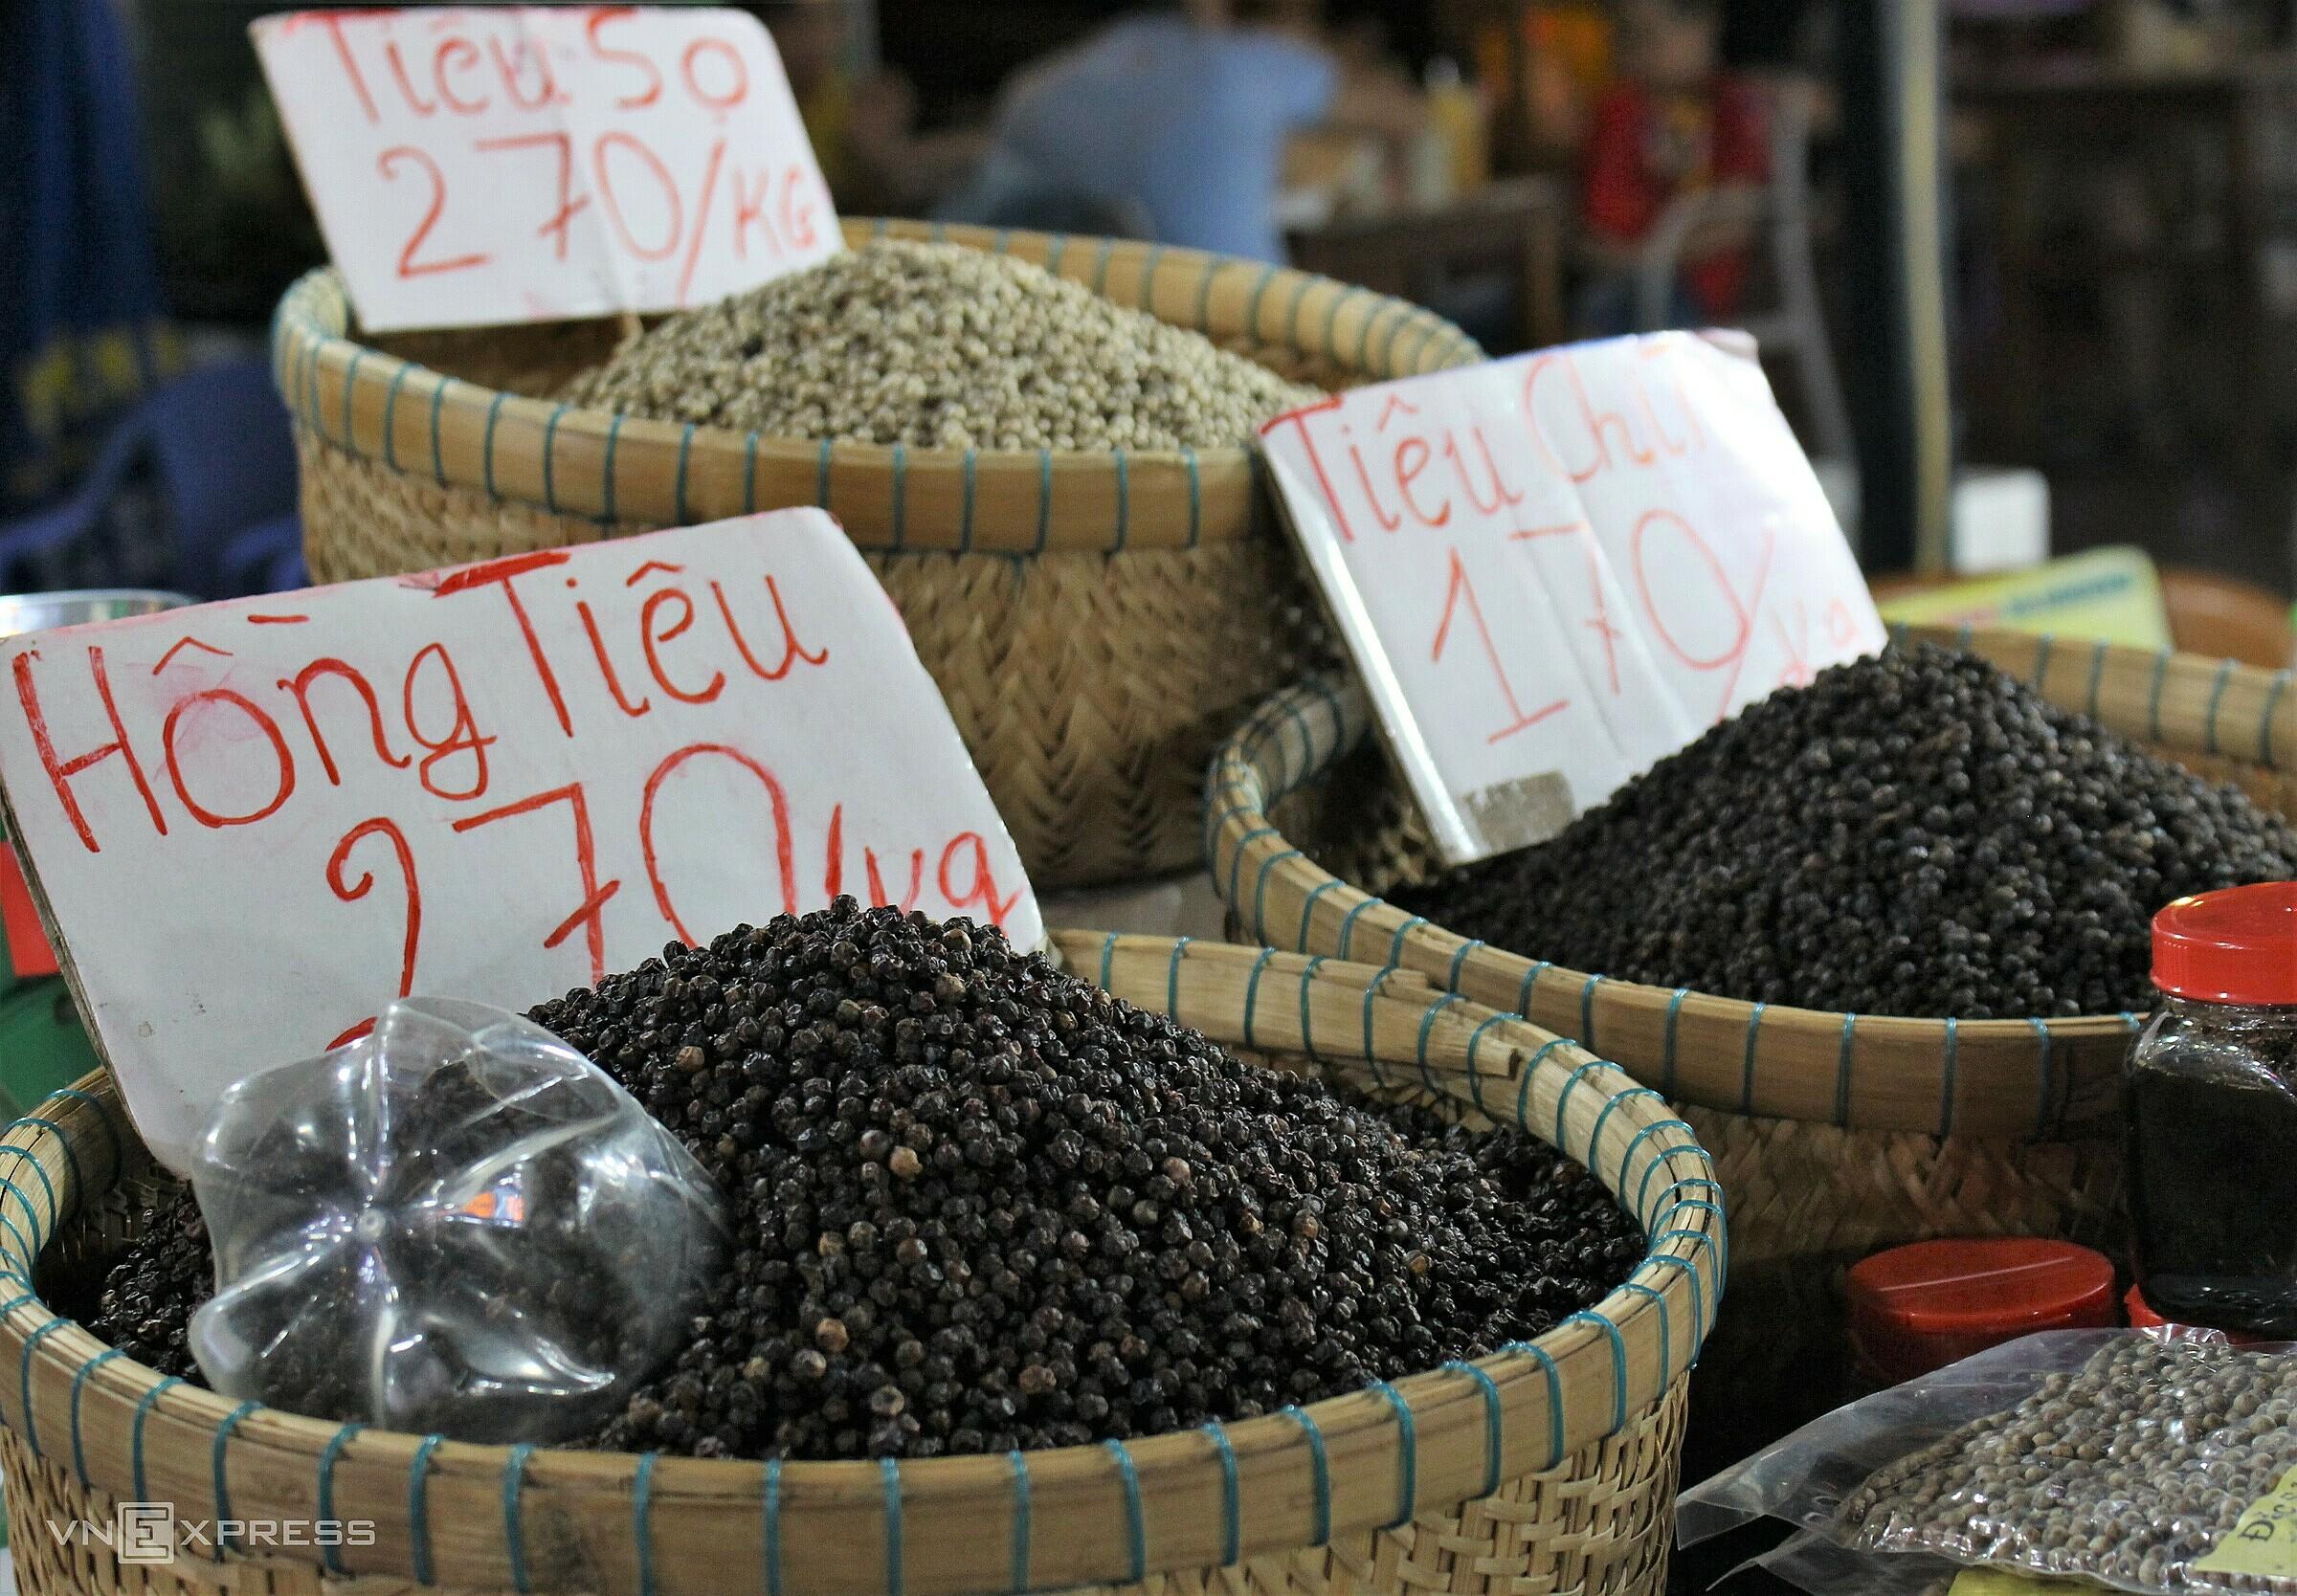 Phú Quốc là nơi có diện tích trồng tiêu lớn nhất miền Tây nên còn được mệnh danh là Vương quốc hồ tiêu. Hai loại tiêu hiện được trồng nhiều trên đảo là tiêu giống Hà Tiên và Phú Quốc, có hạt mẩy, tròn và cay nồng, thơm ngon., thường được cho vào món ăn để át bớt mùi tanh của hải sản.